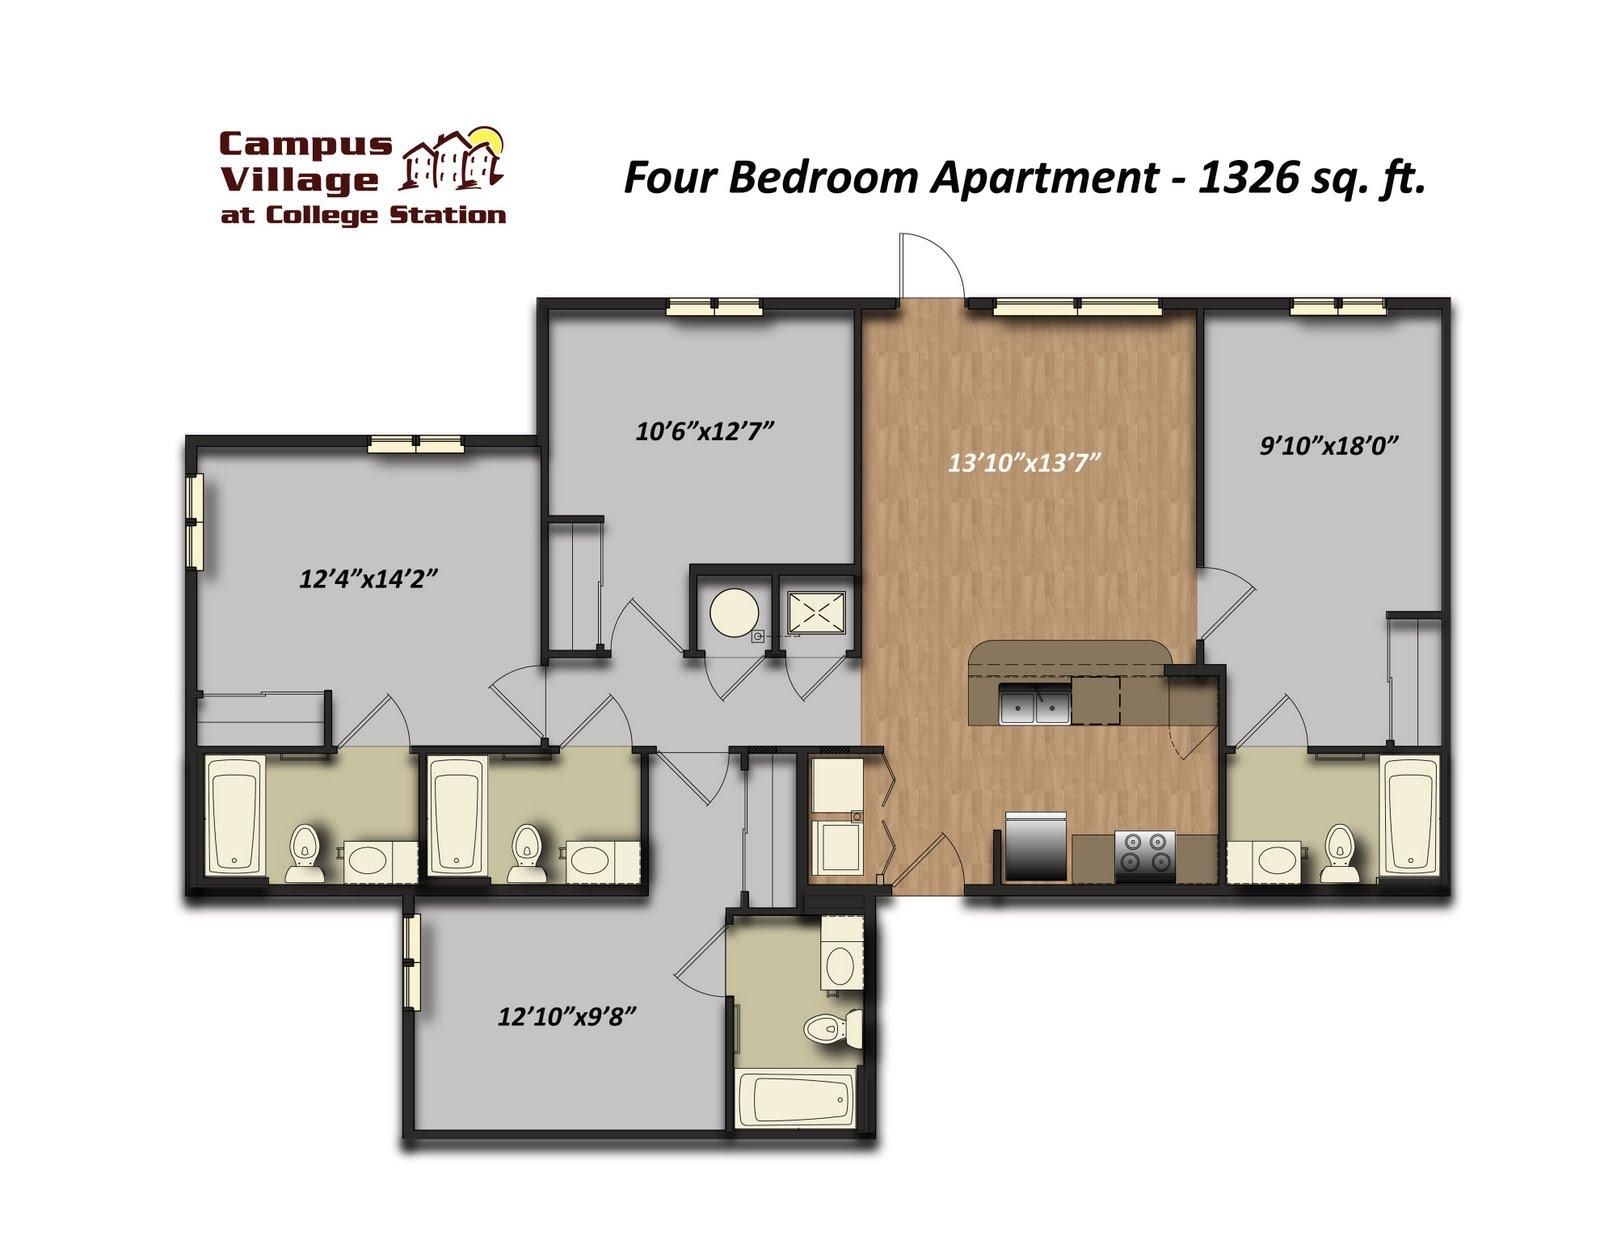 2 bedroom apartment floor plans myblog for 4 bedroom apartment floor plans